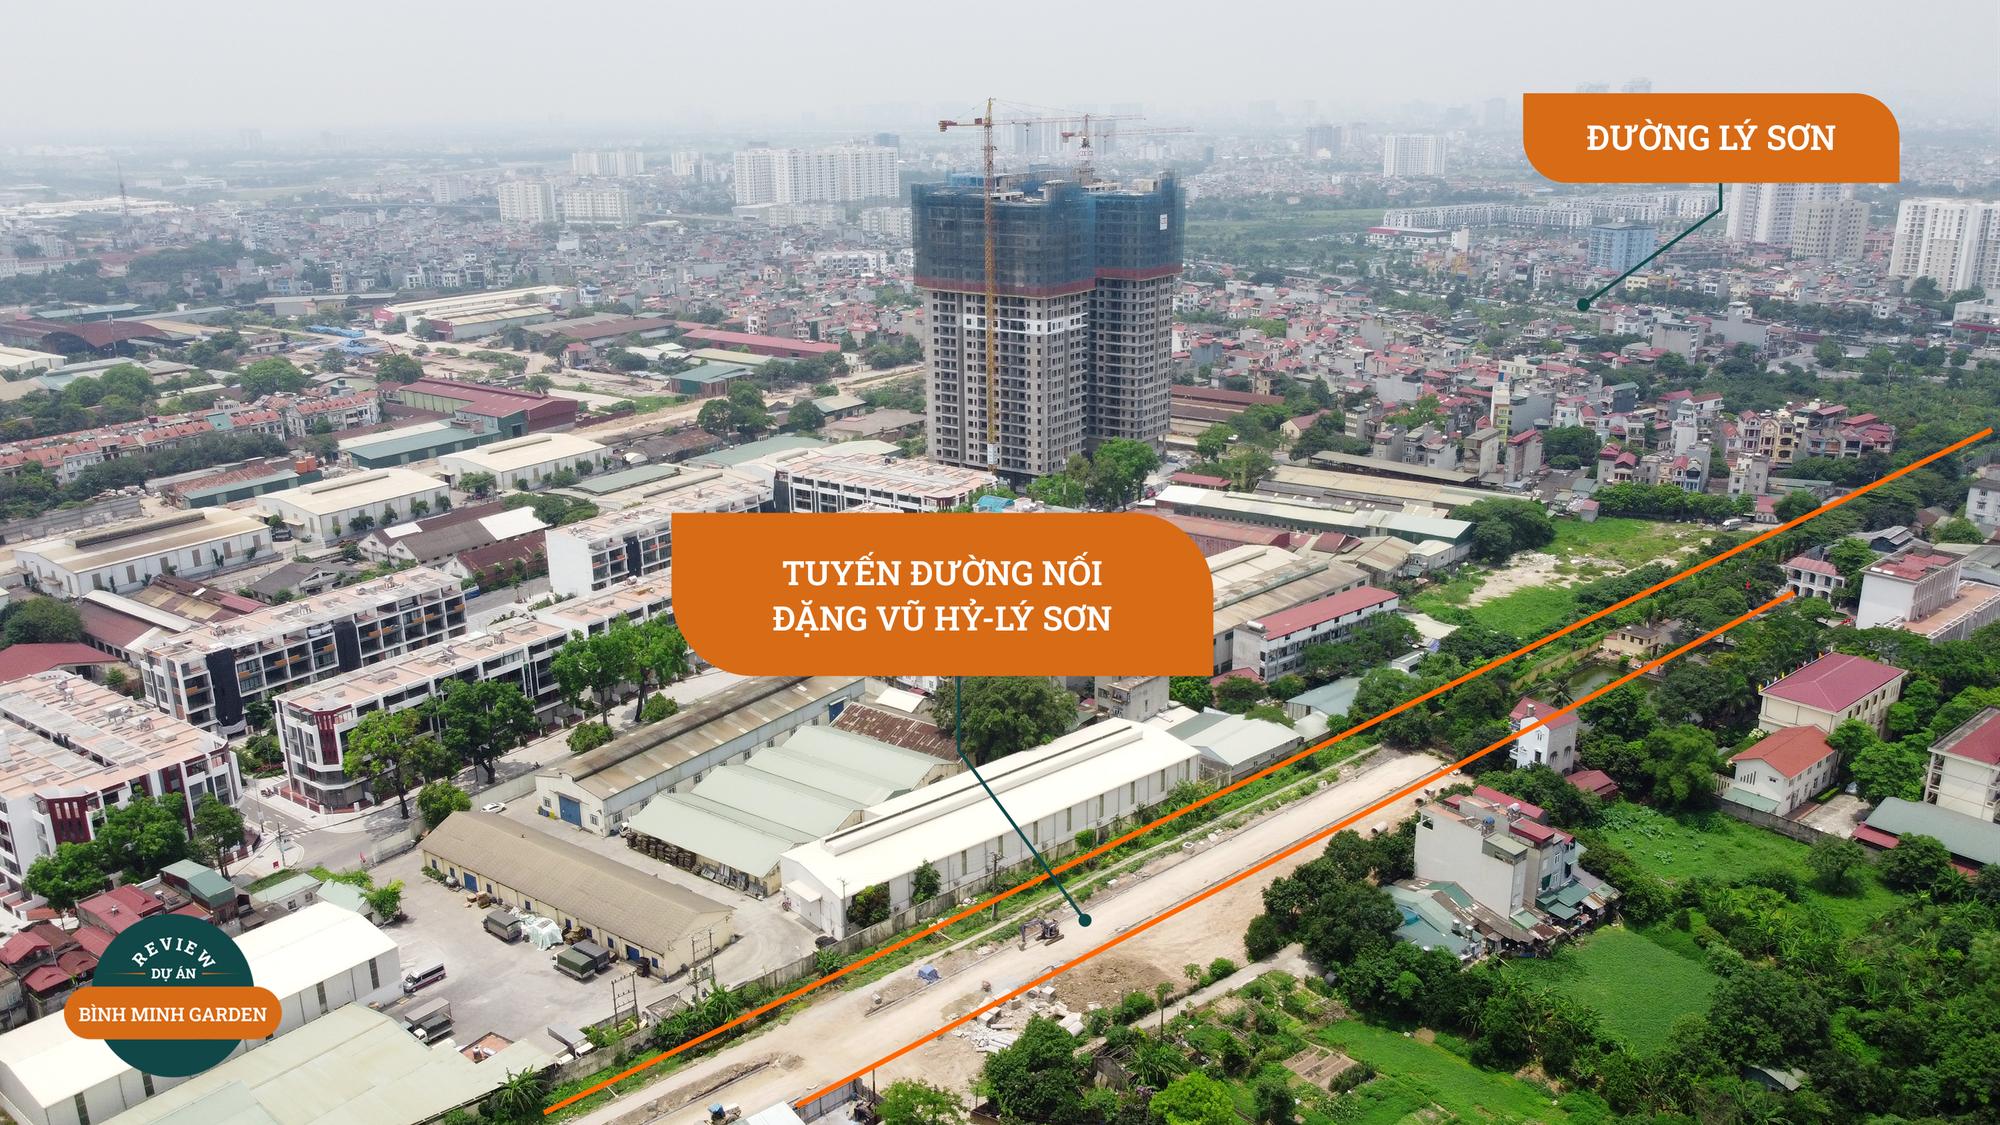 Review dự án Bình Minh Garden: Tổ hợp chung cư, shophouse hơn nghìn tỷ gần cầu Đông Trù của Shark Hưng - Ảnh 15.